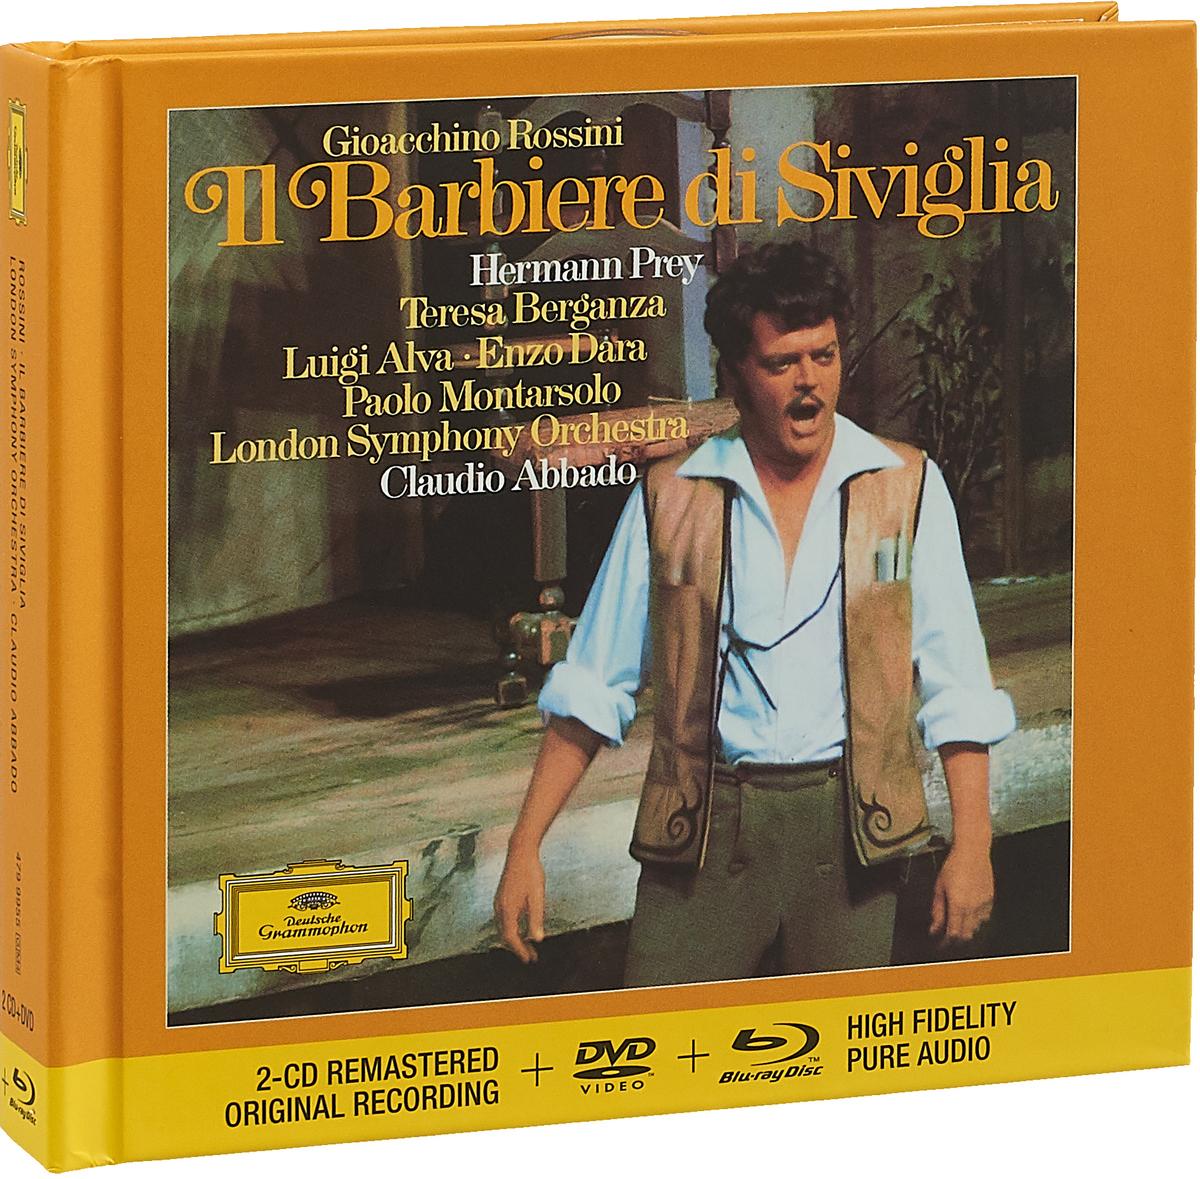 Клаудио Аббадо Abbado, Claudio Rossini. Il Barbiere Di Siviglia (2 CD, DVD, Blu-ray) gioacchino rossini il barbiere di siviglia dramma buffo per musica da rappresentarsi nel teatro del parco new york